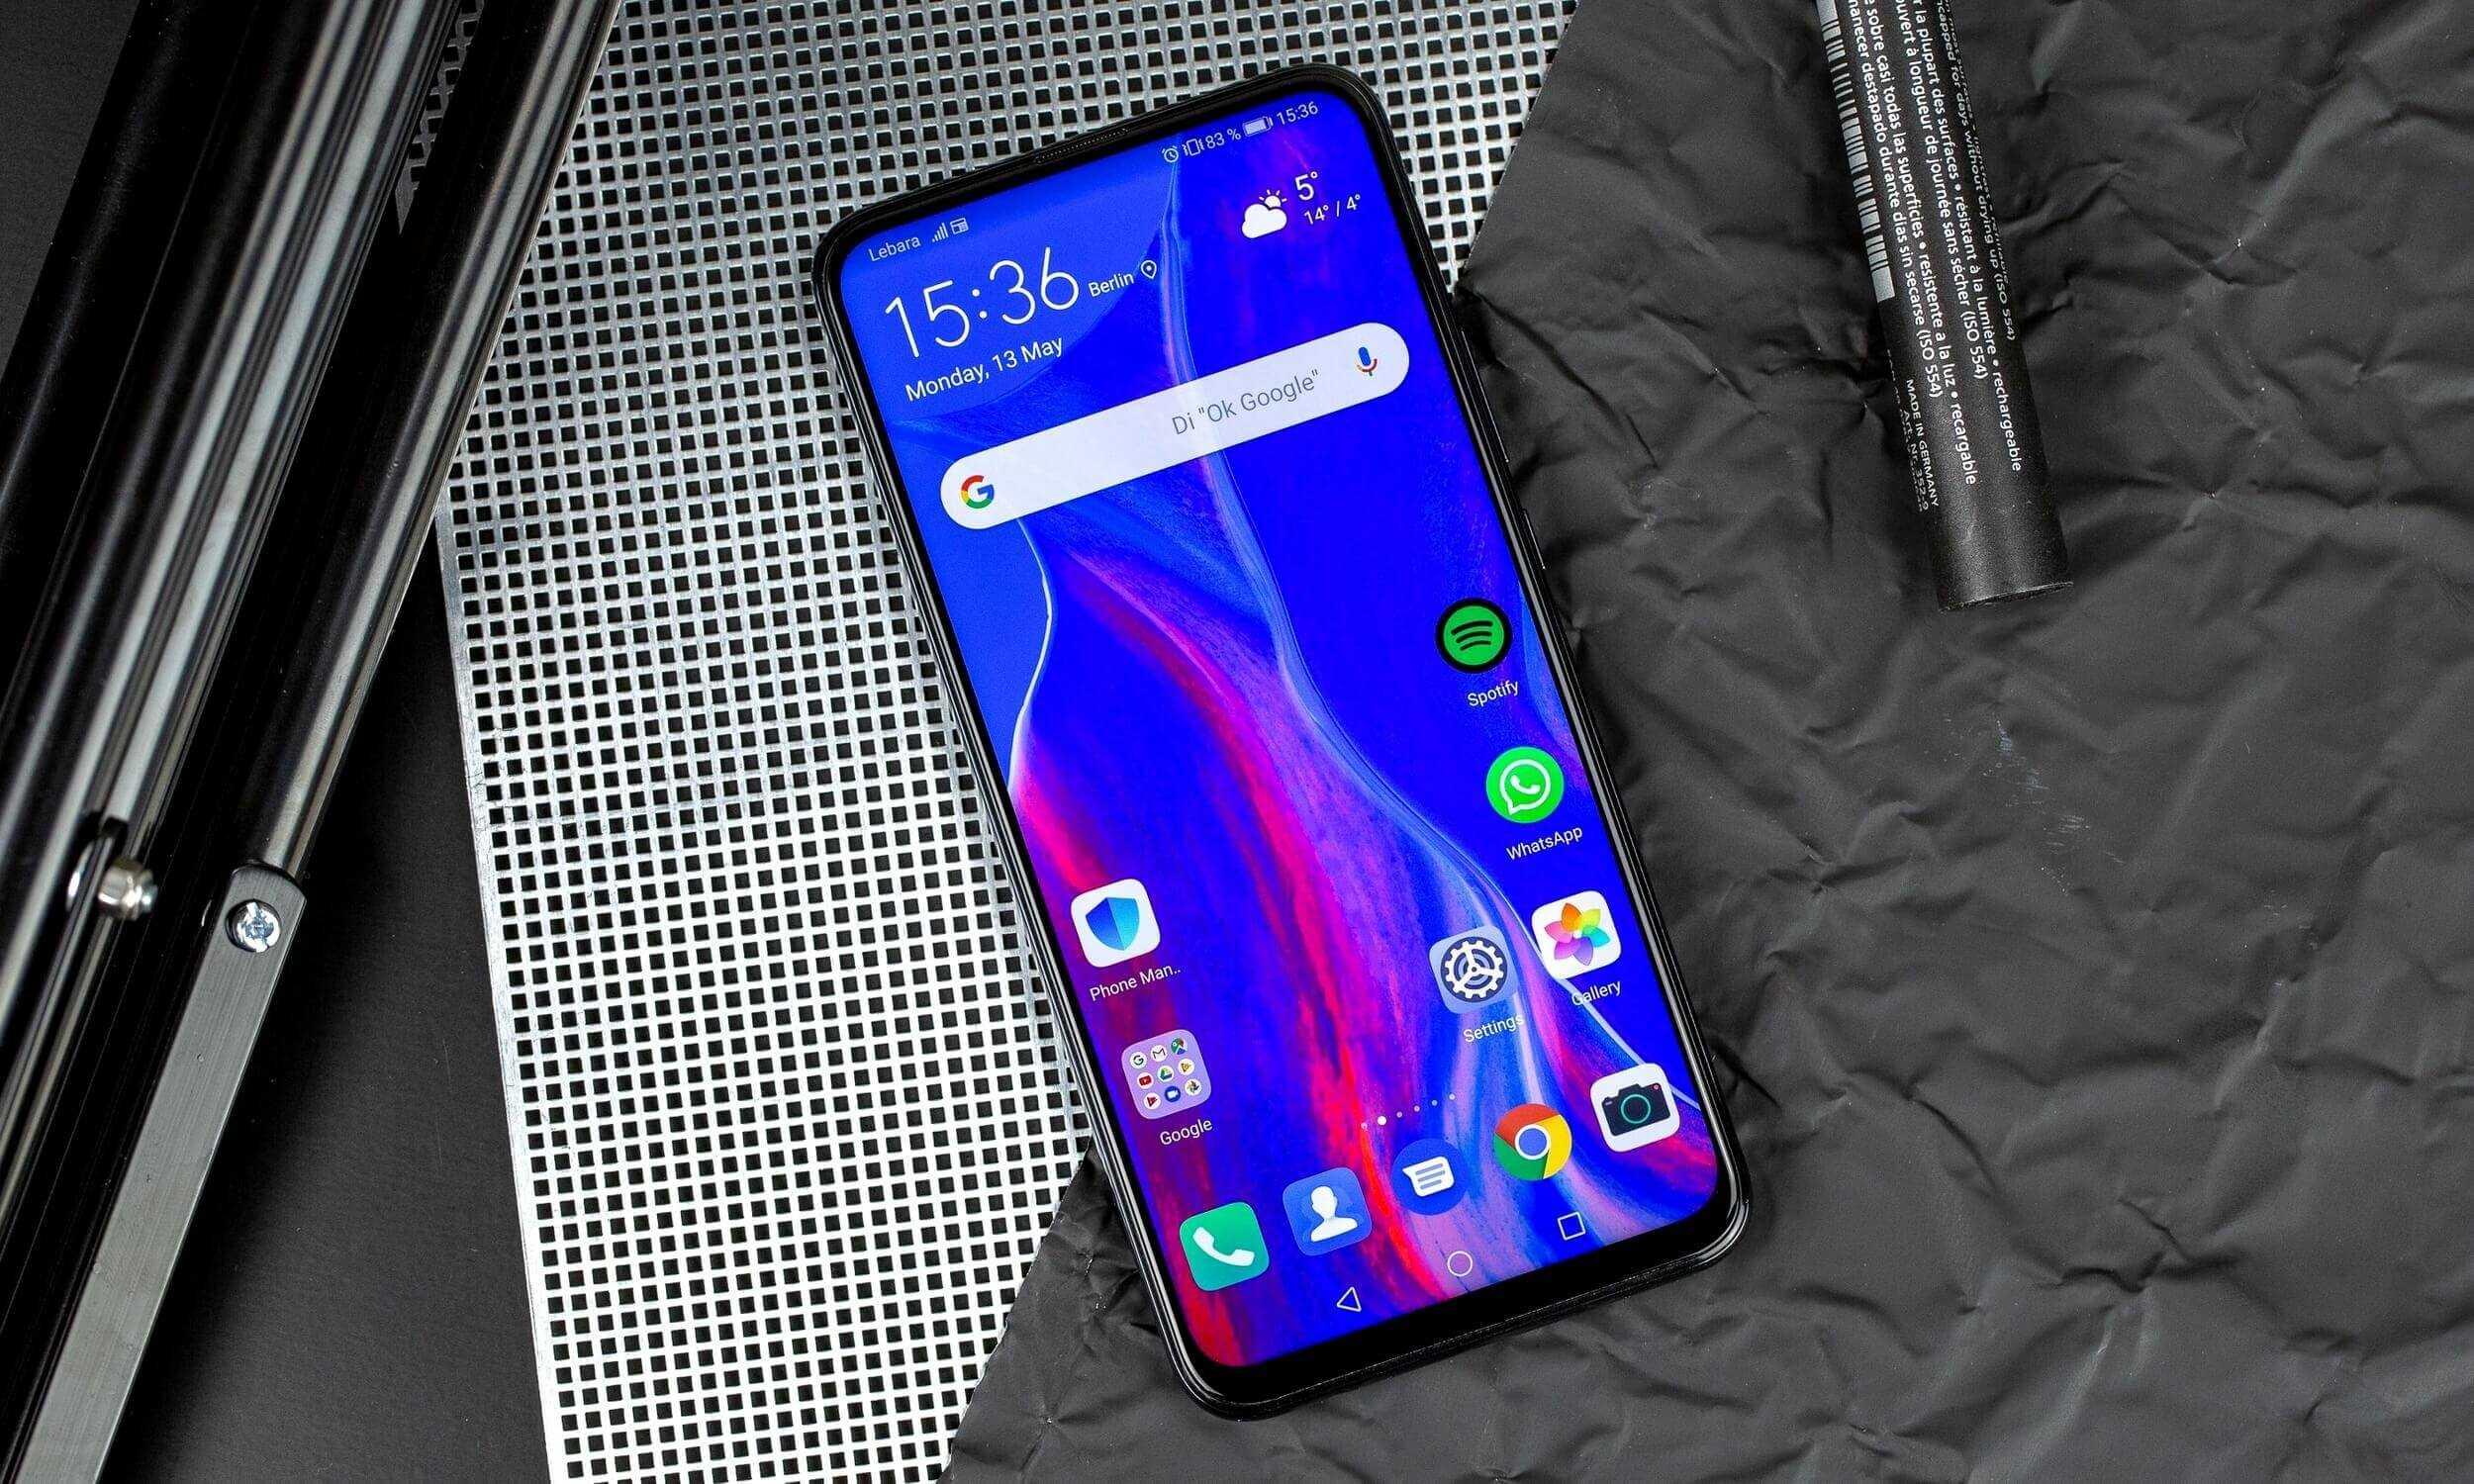 Розыгрыш смартфона huawei p smart z с выдвижной камерой розыгрыш смартфона huawei p smart z с выдвижной камерой